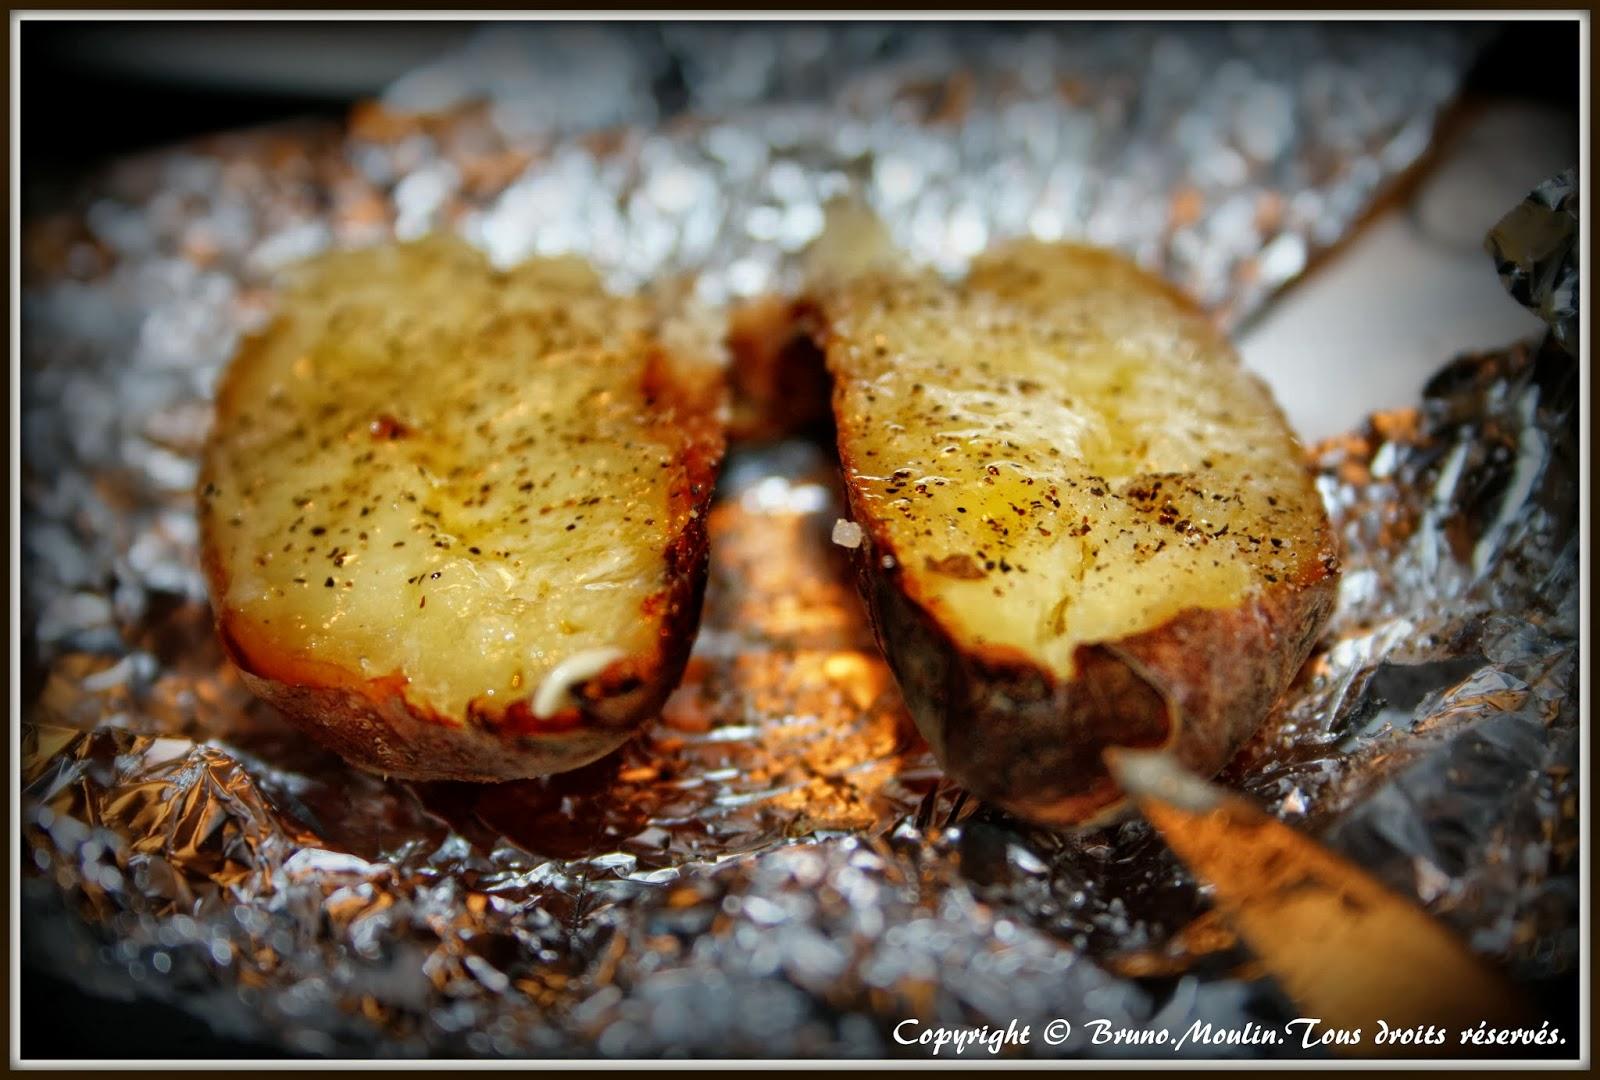 La petite vie de bruno pommes de terre - Avantages de vivre a la campagne ...